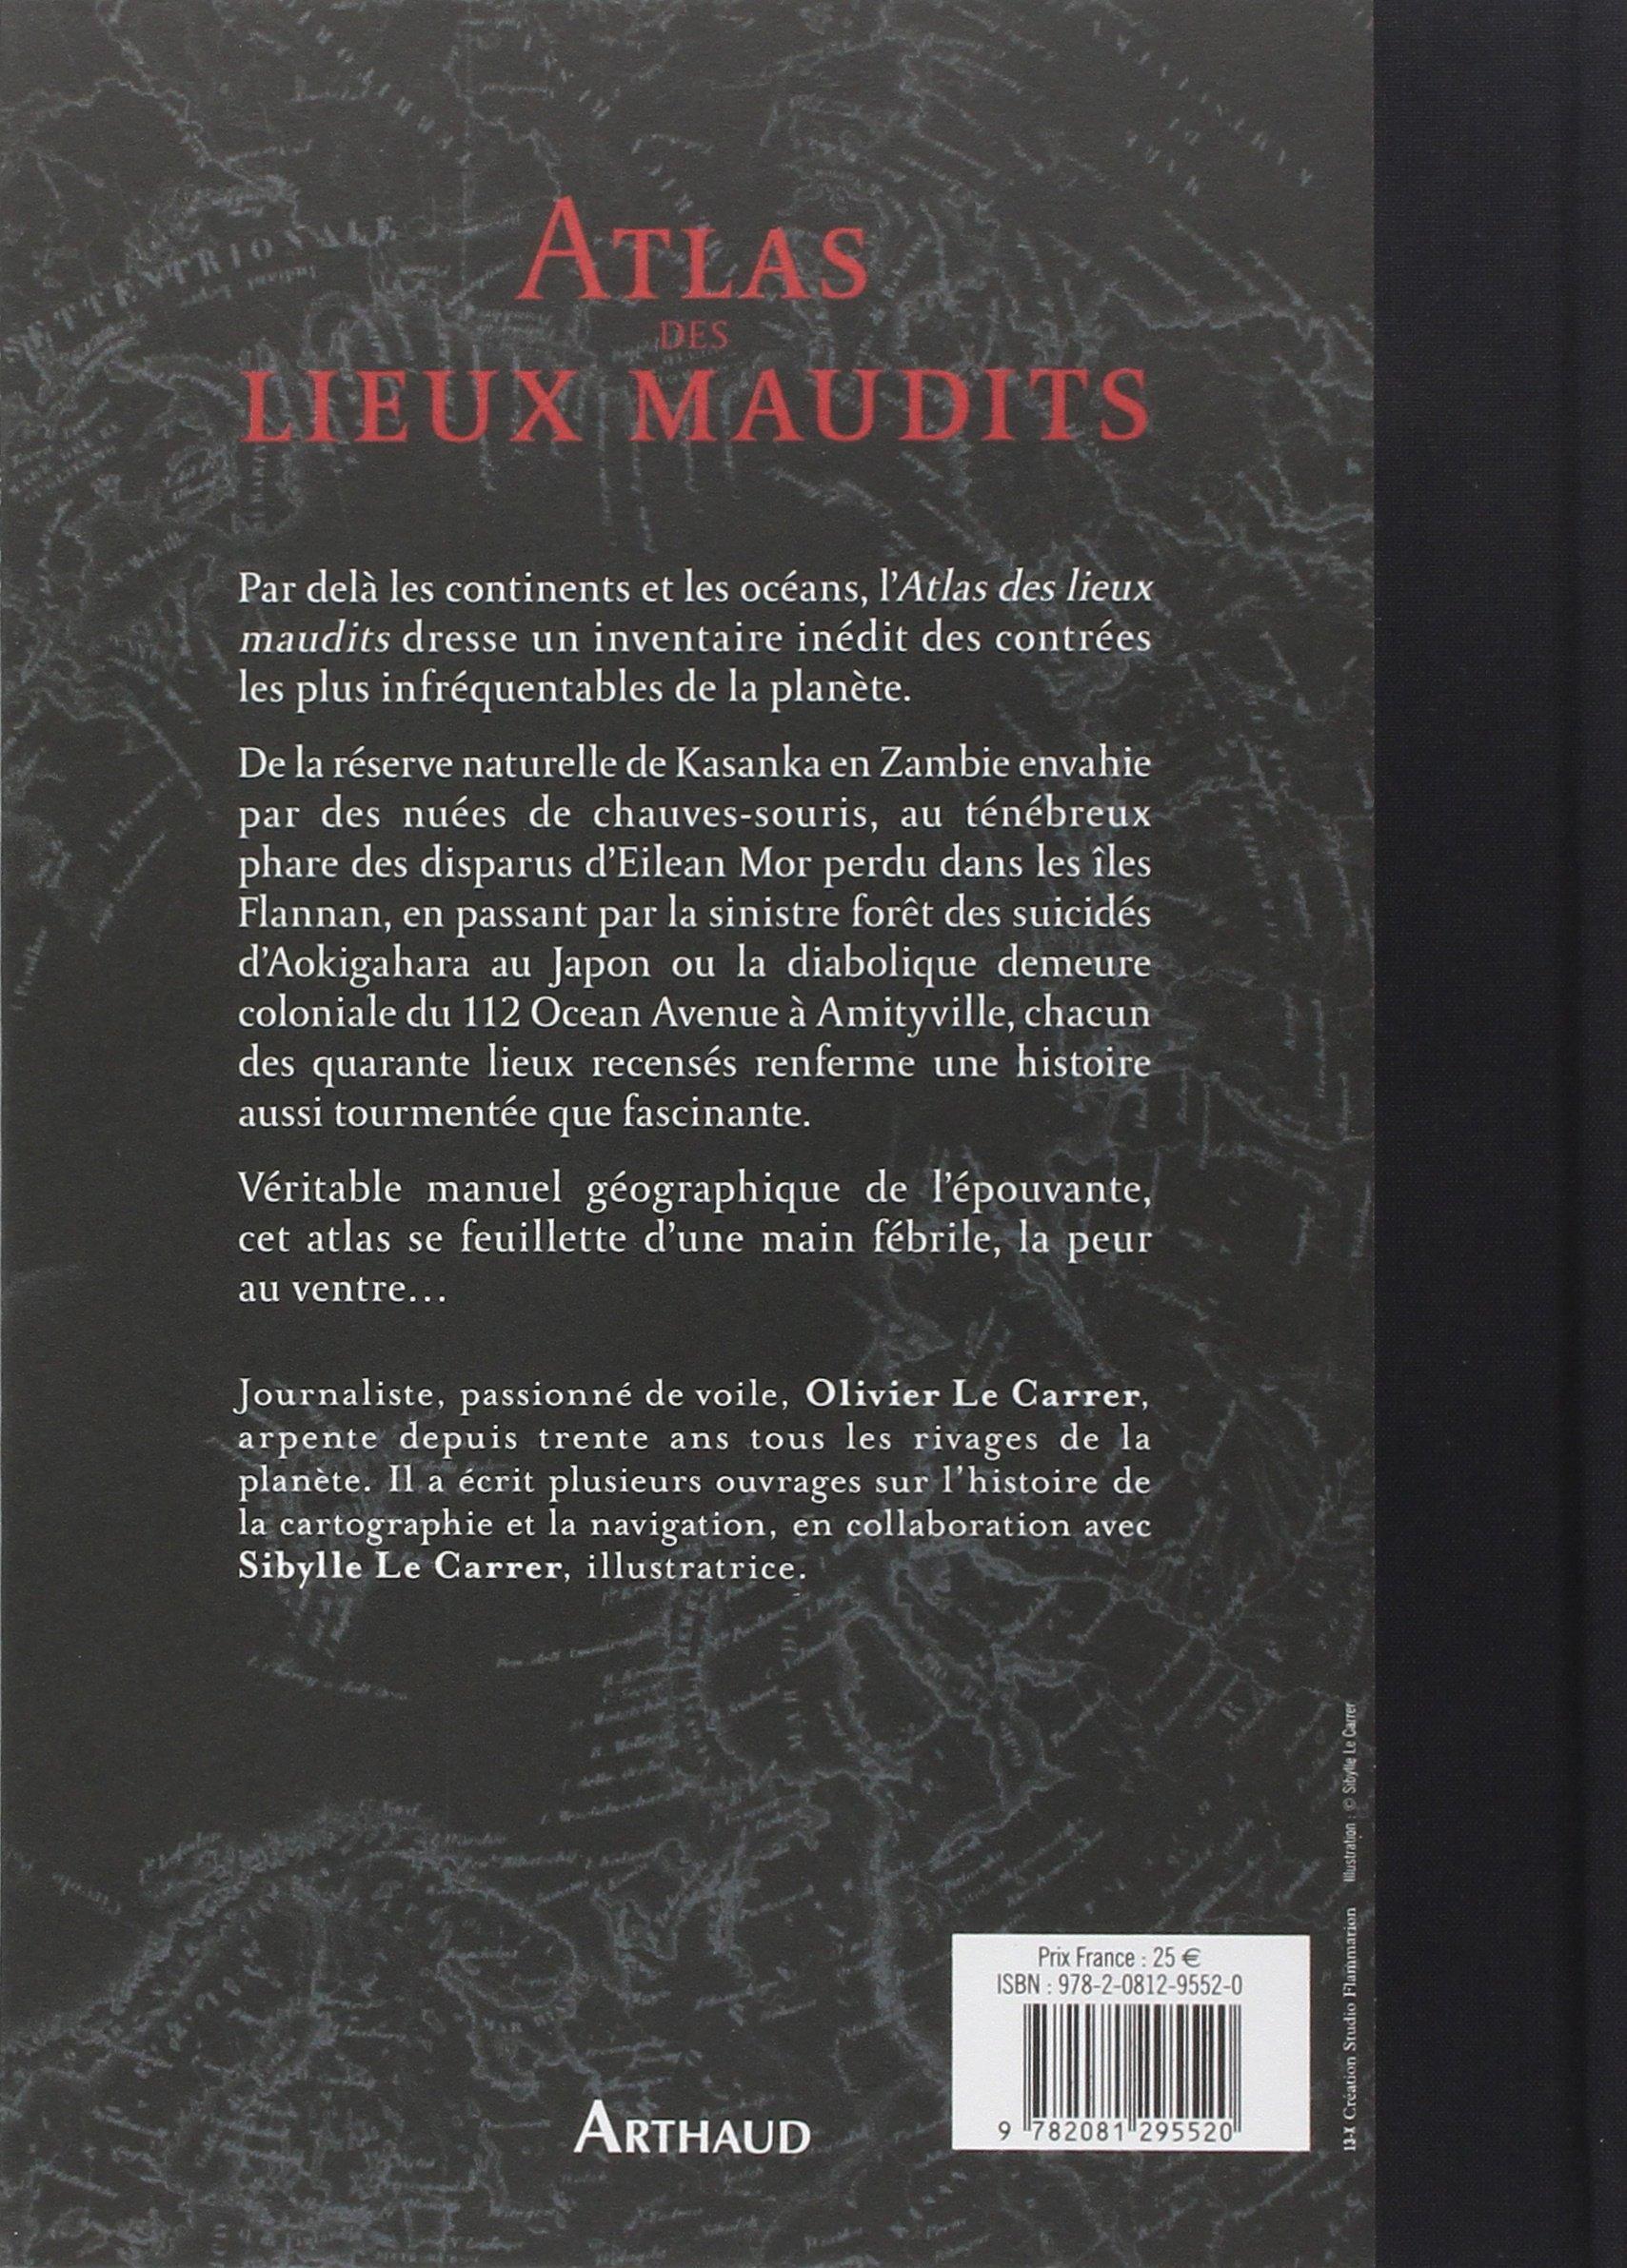 GRATUIT LE PHOSPHATE SOIT TÉLÉCHARGER MAUDIT